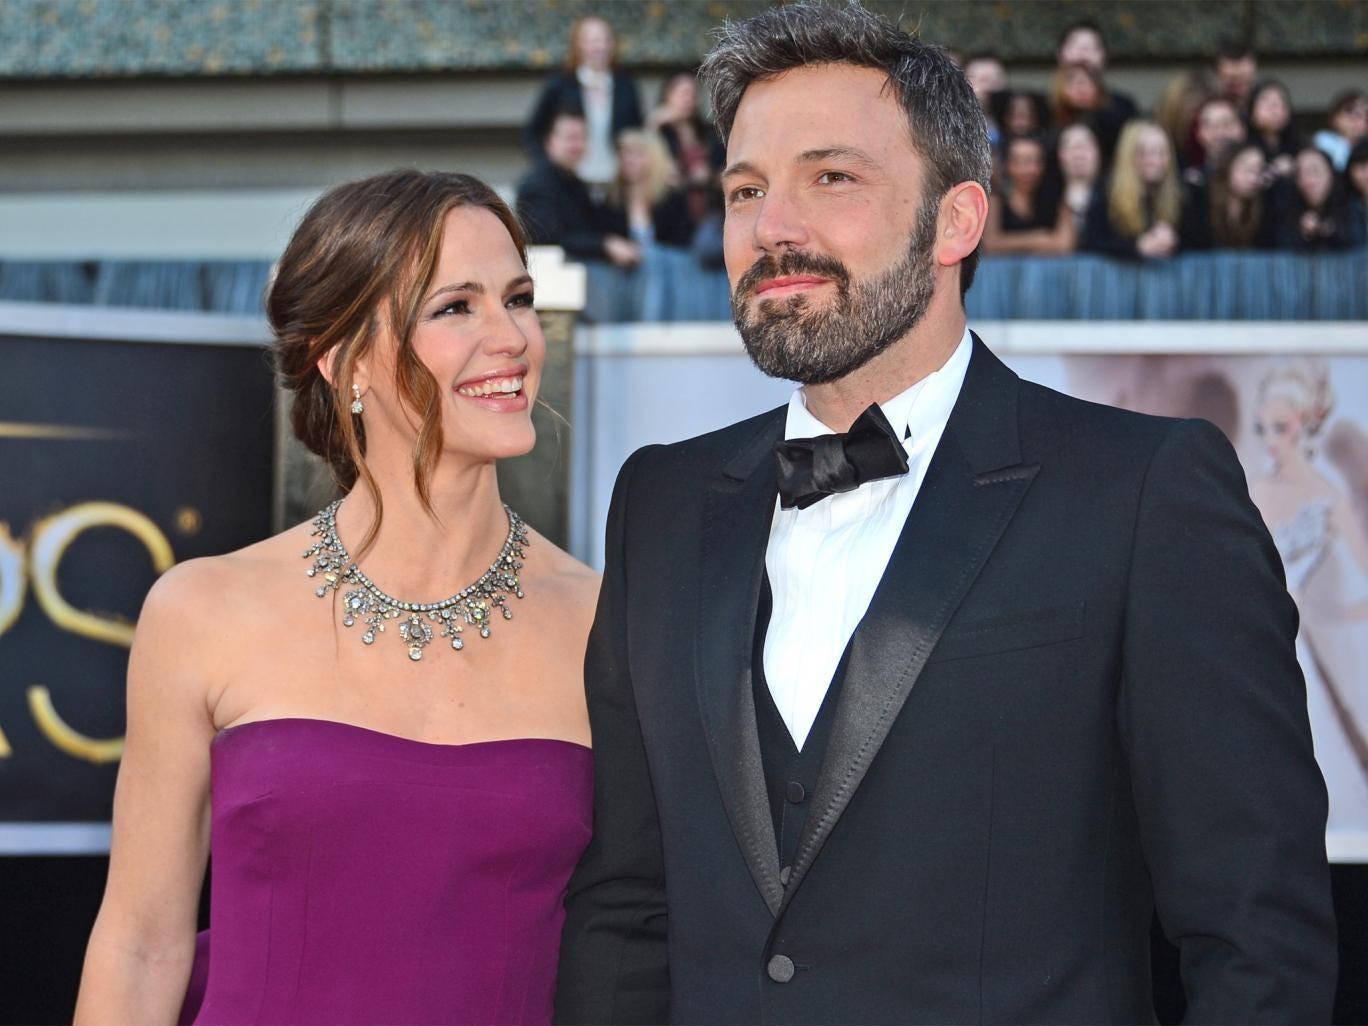 Ben Affleck with his wife Jennifer Garner